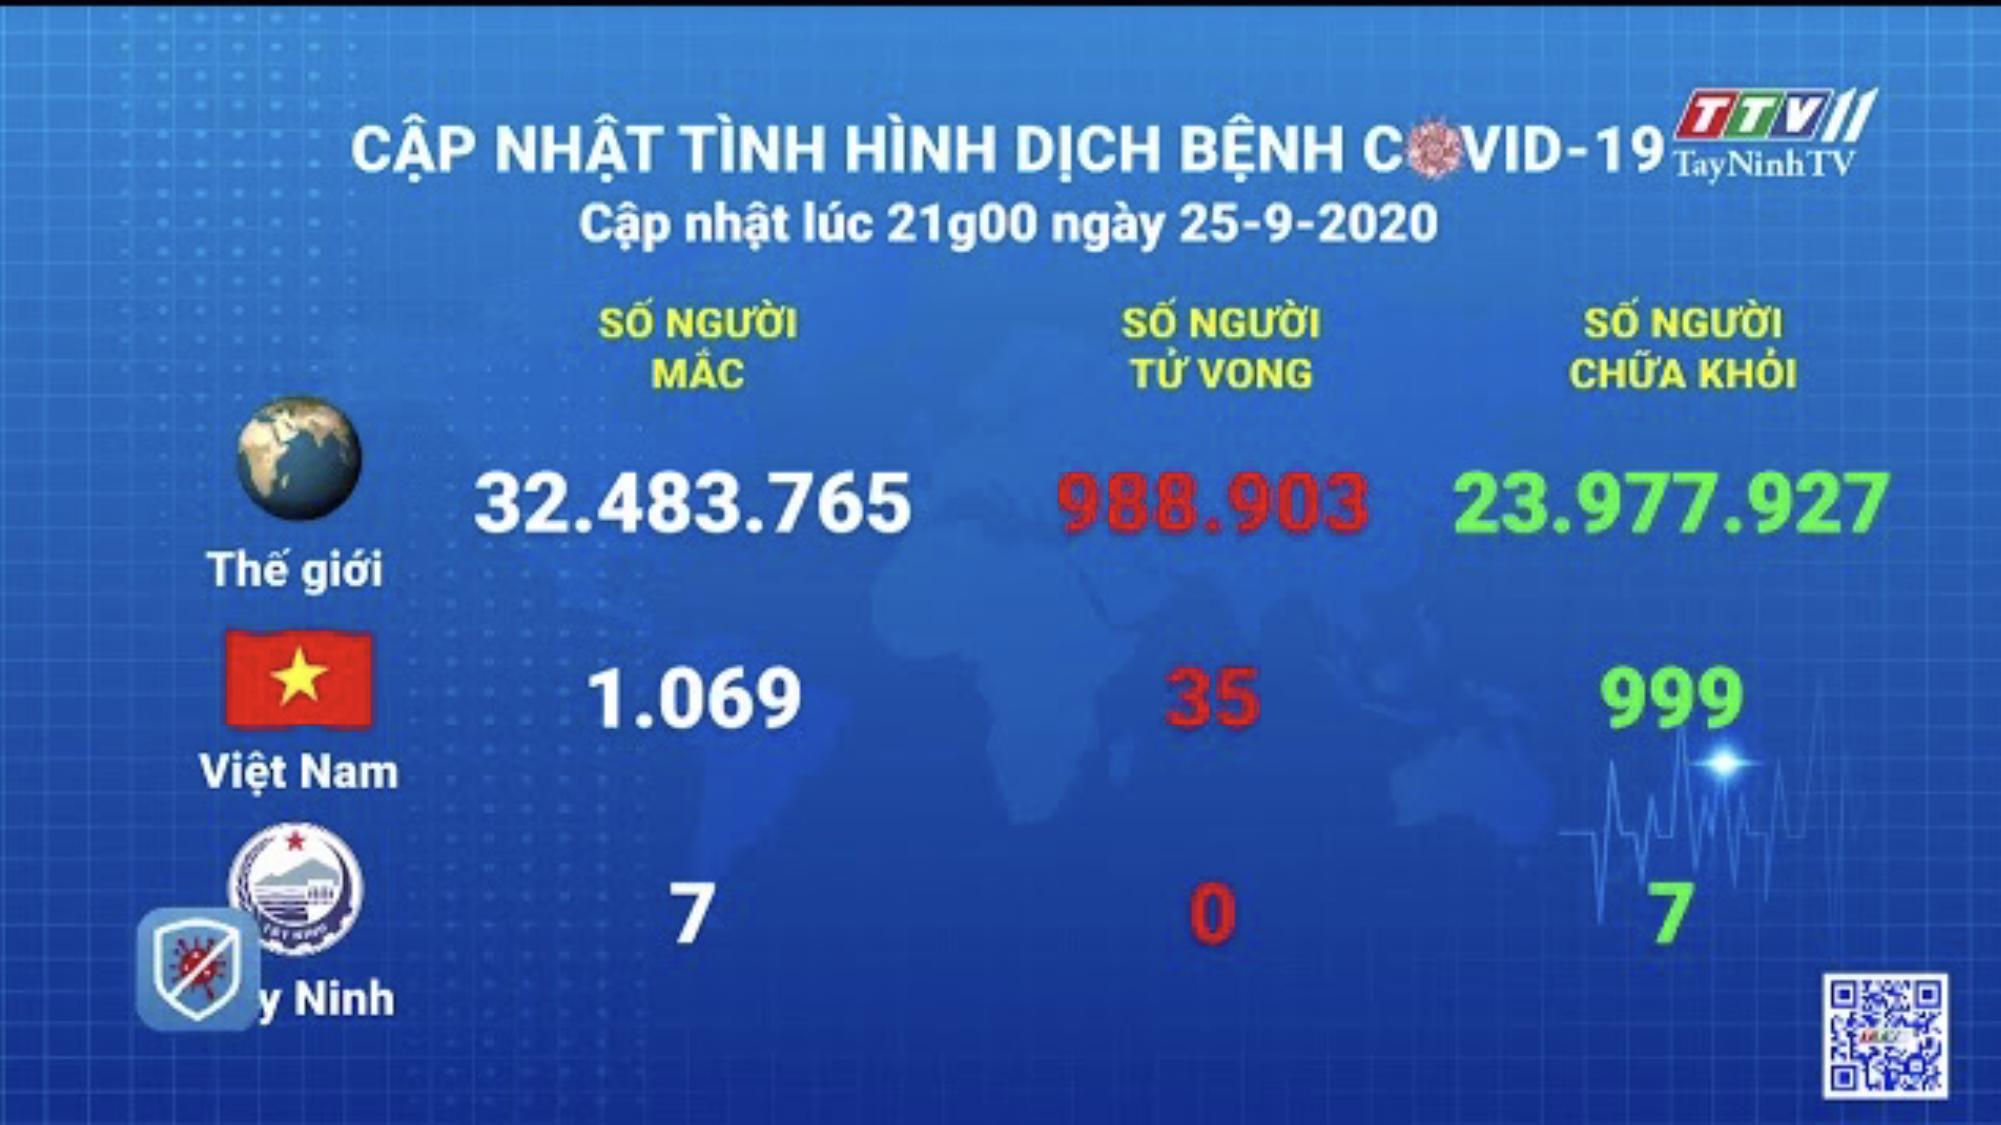 Cập nhật tình hình Covid-19 vào lúc 21 giờ 25-9-2020 | Thông tin dịch cúm Covid-19 | TâyNinhTV